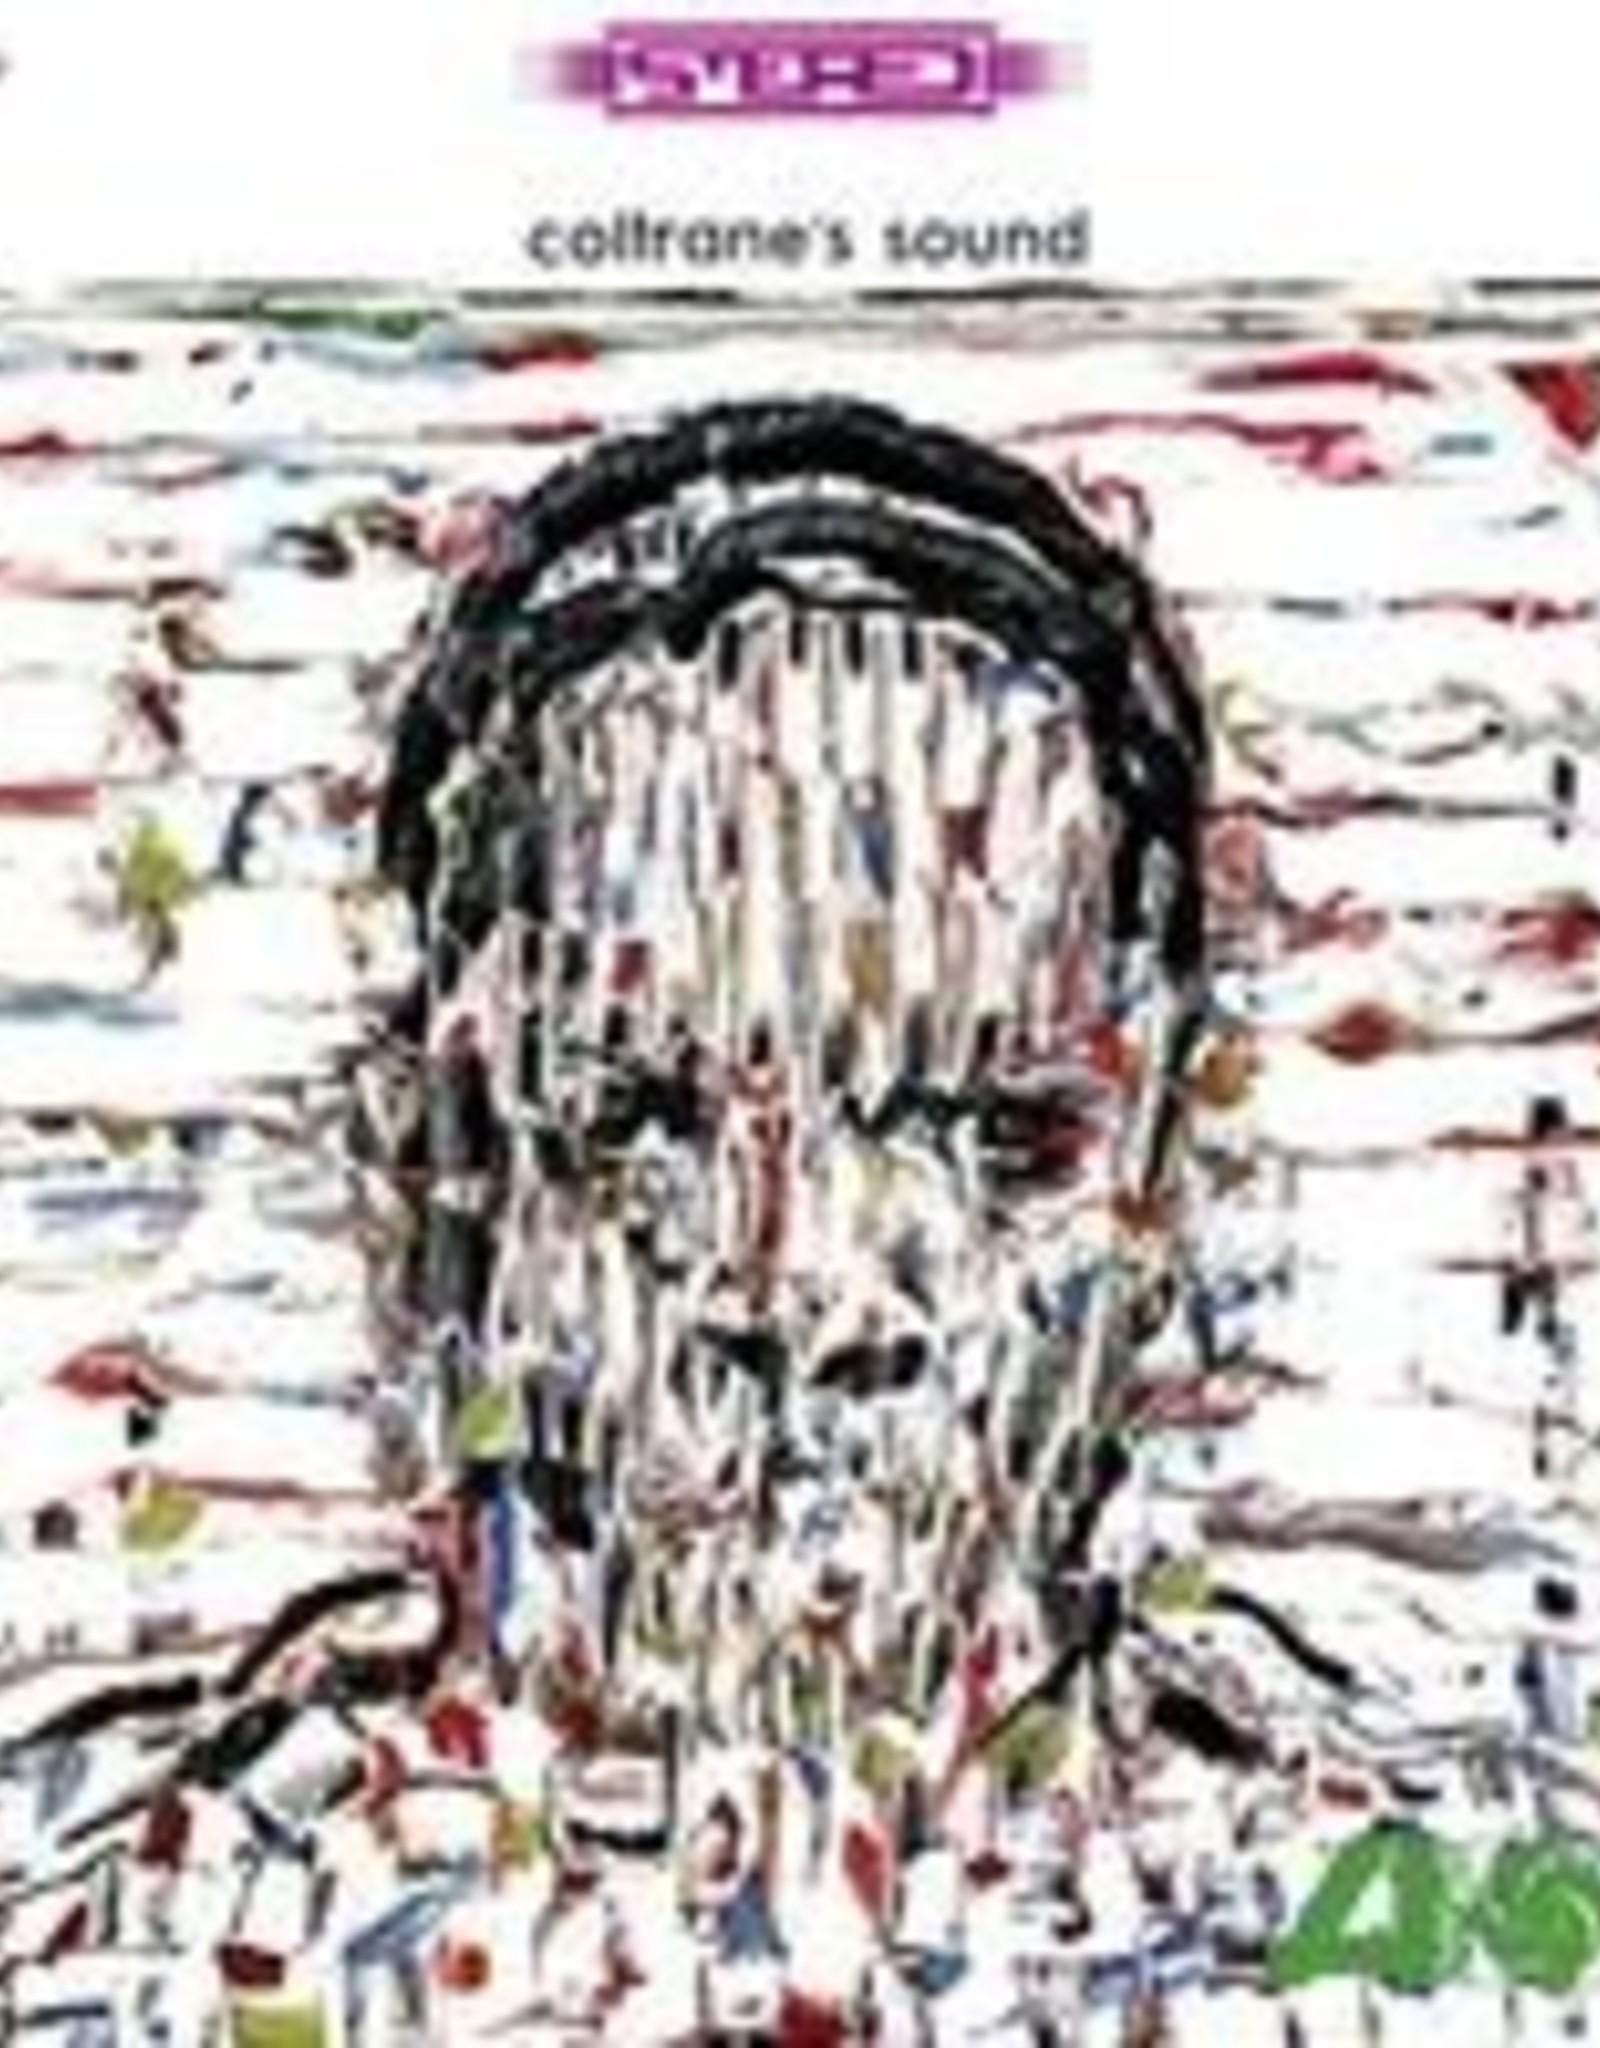 John Coltrane - Coltrane'S Sound (180 Gram)